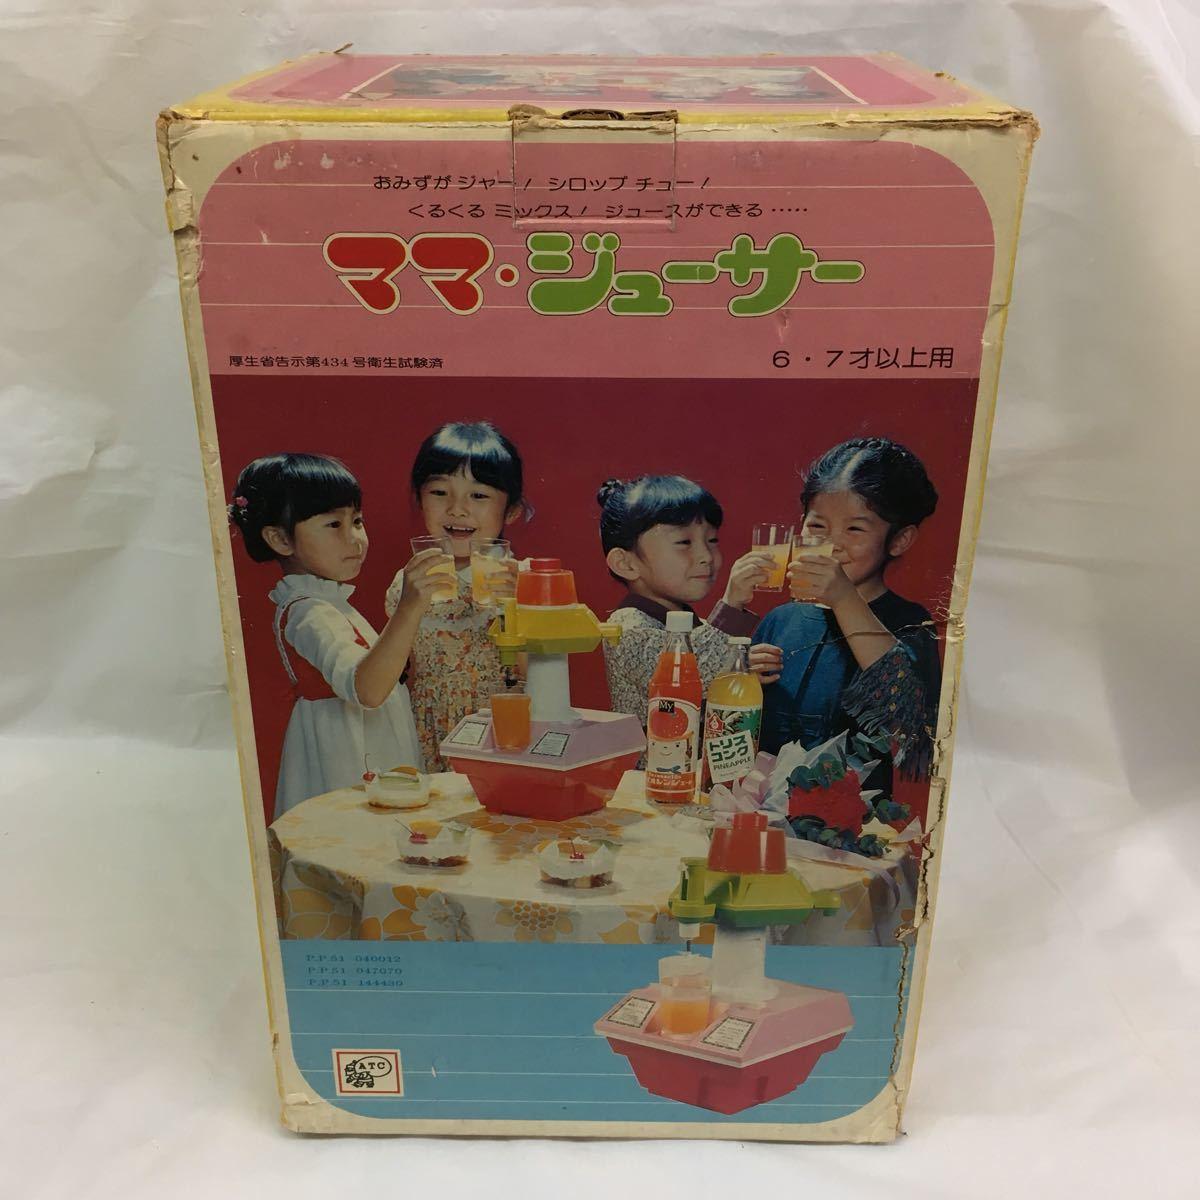 ジャンク 昭和レトロ アサヒ玩具 ママジューサー ママ・ジューサー おままごと 朝日玩具 おもちゃ 検索 ママレンジ